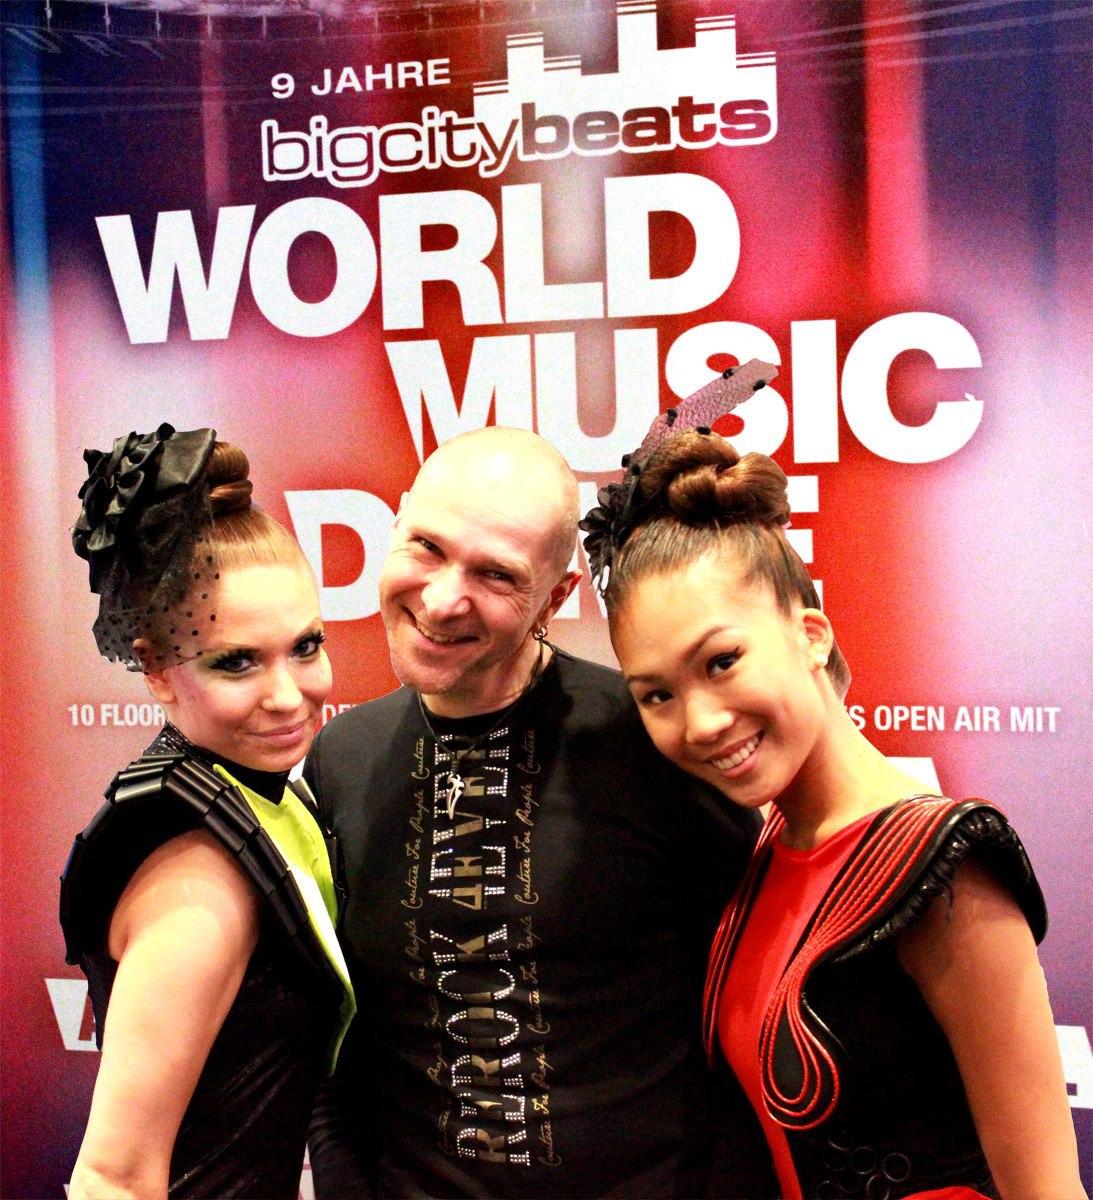 Jörg Dewald JD Wood VIP Big City Beats World Club Dome 9 Jahre